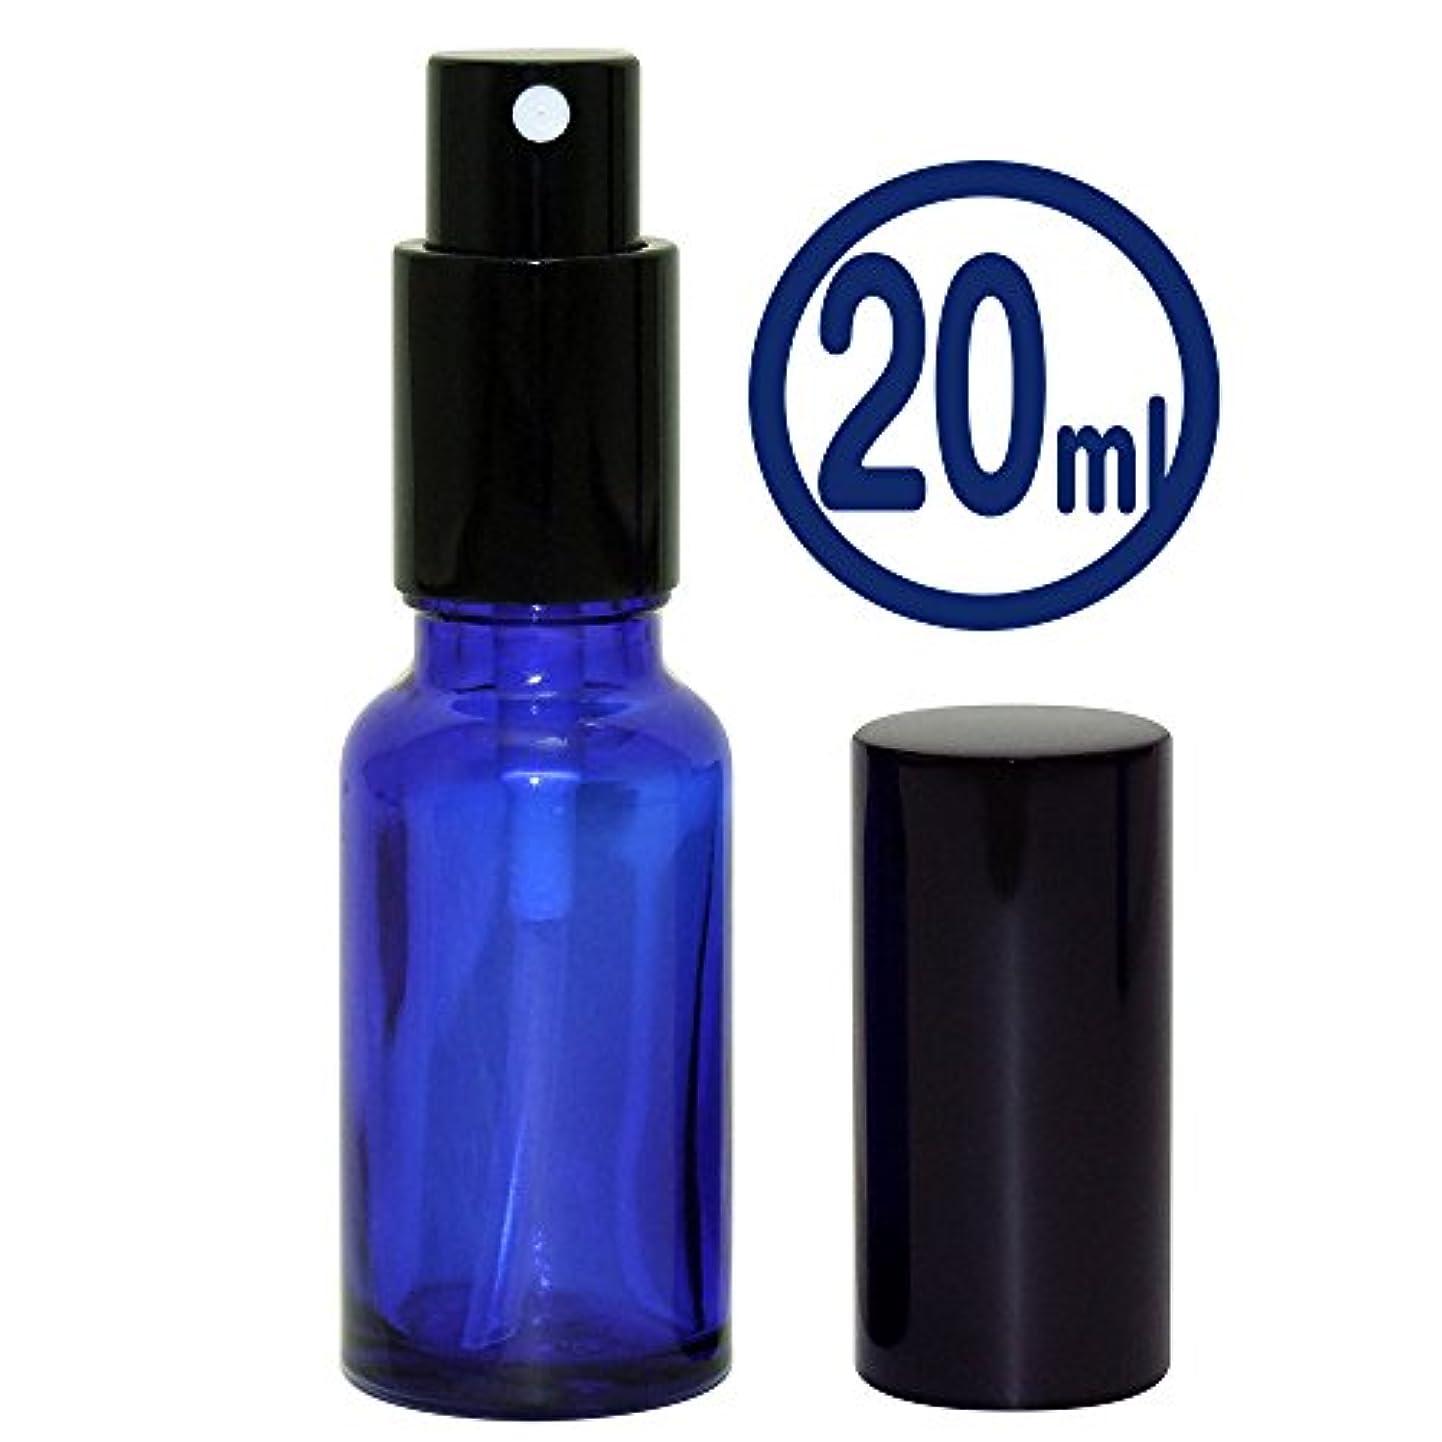 かける教授コールガレージ?ゼロ 遮光ガラス瓶 スプレータイプ【青】 20ml/GZSQ12/スプレーボトル/アトマイザー/アロマ保存(青20ml)